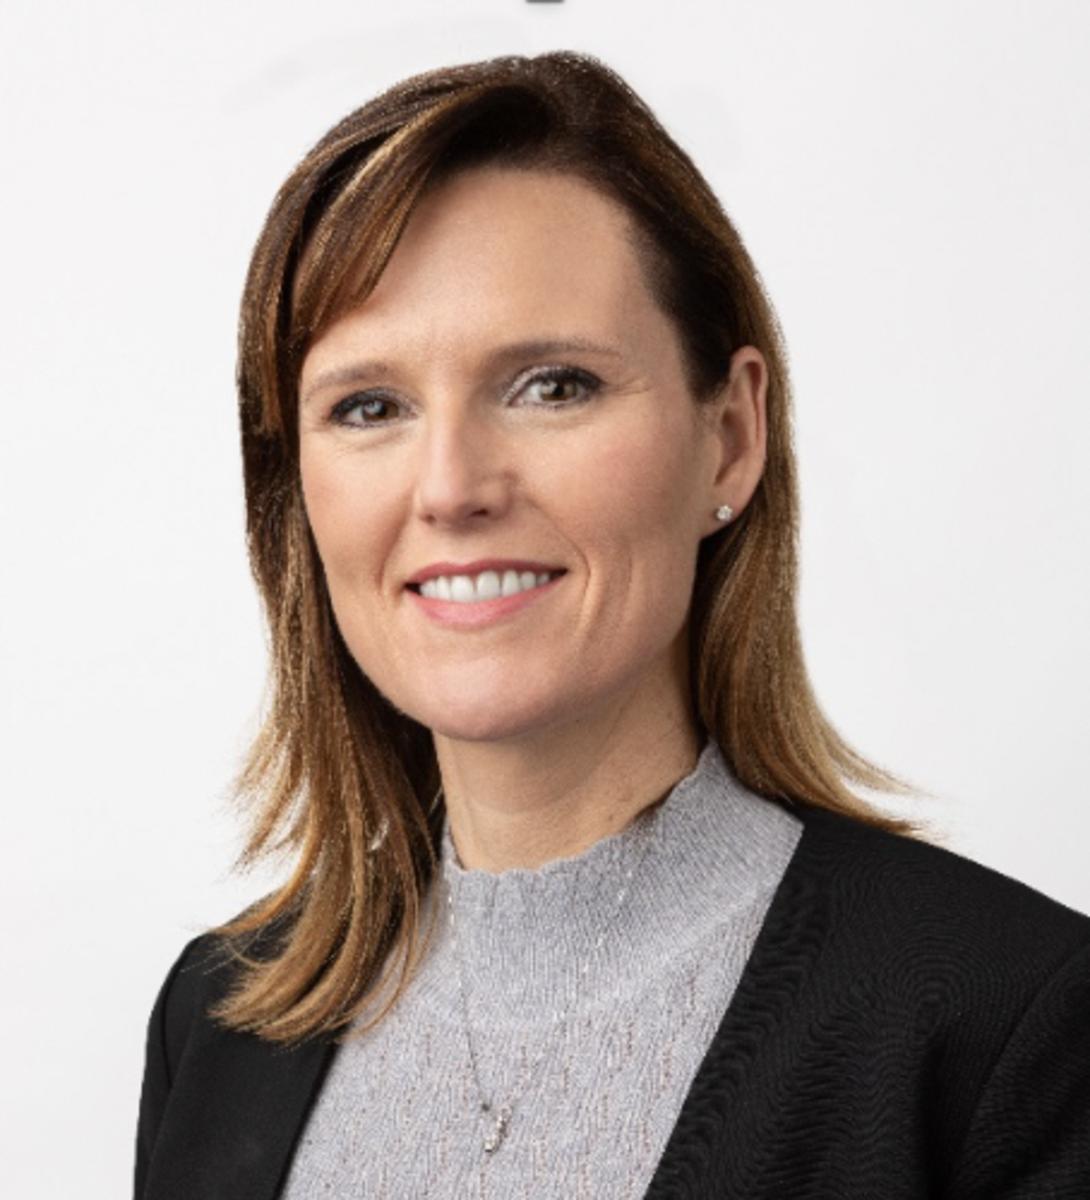 Brenna Preisser, President of Brunswick Business Acceleration